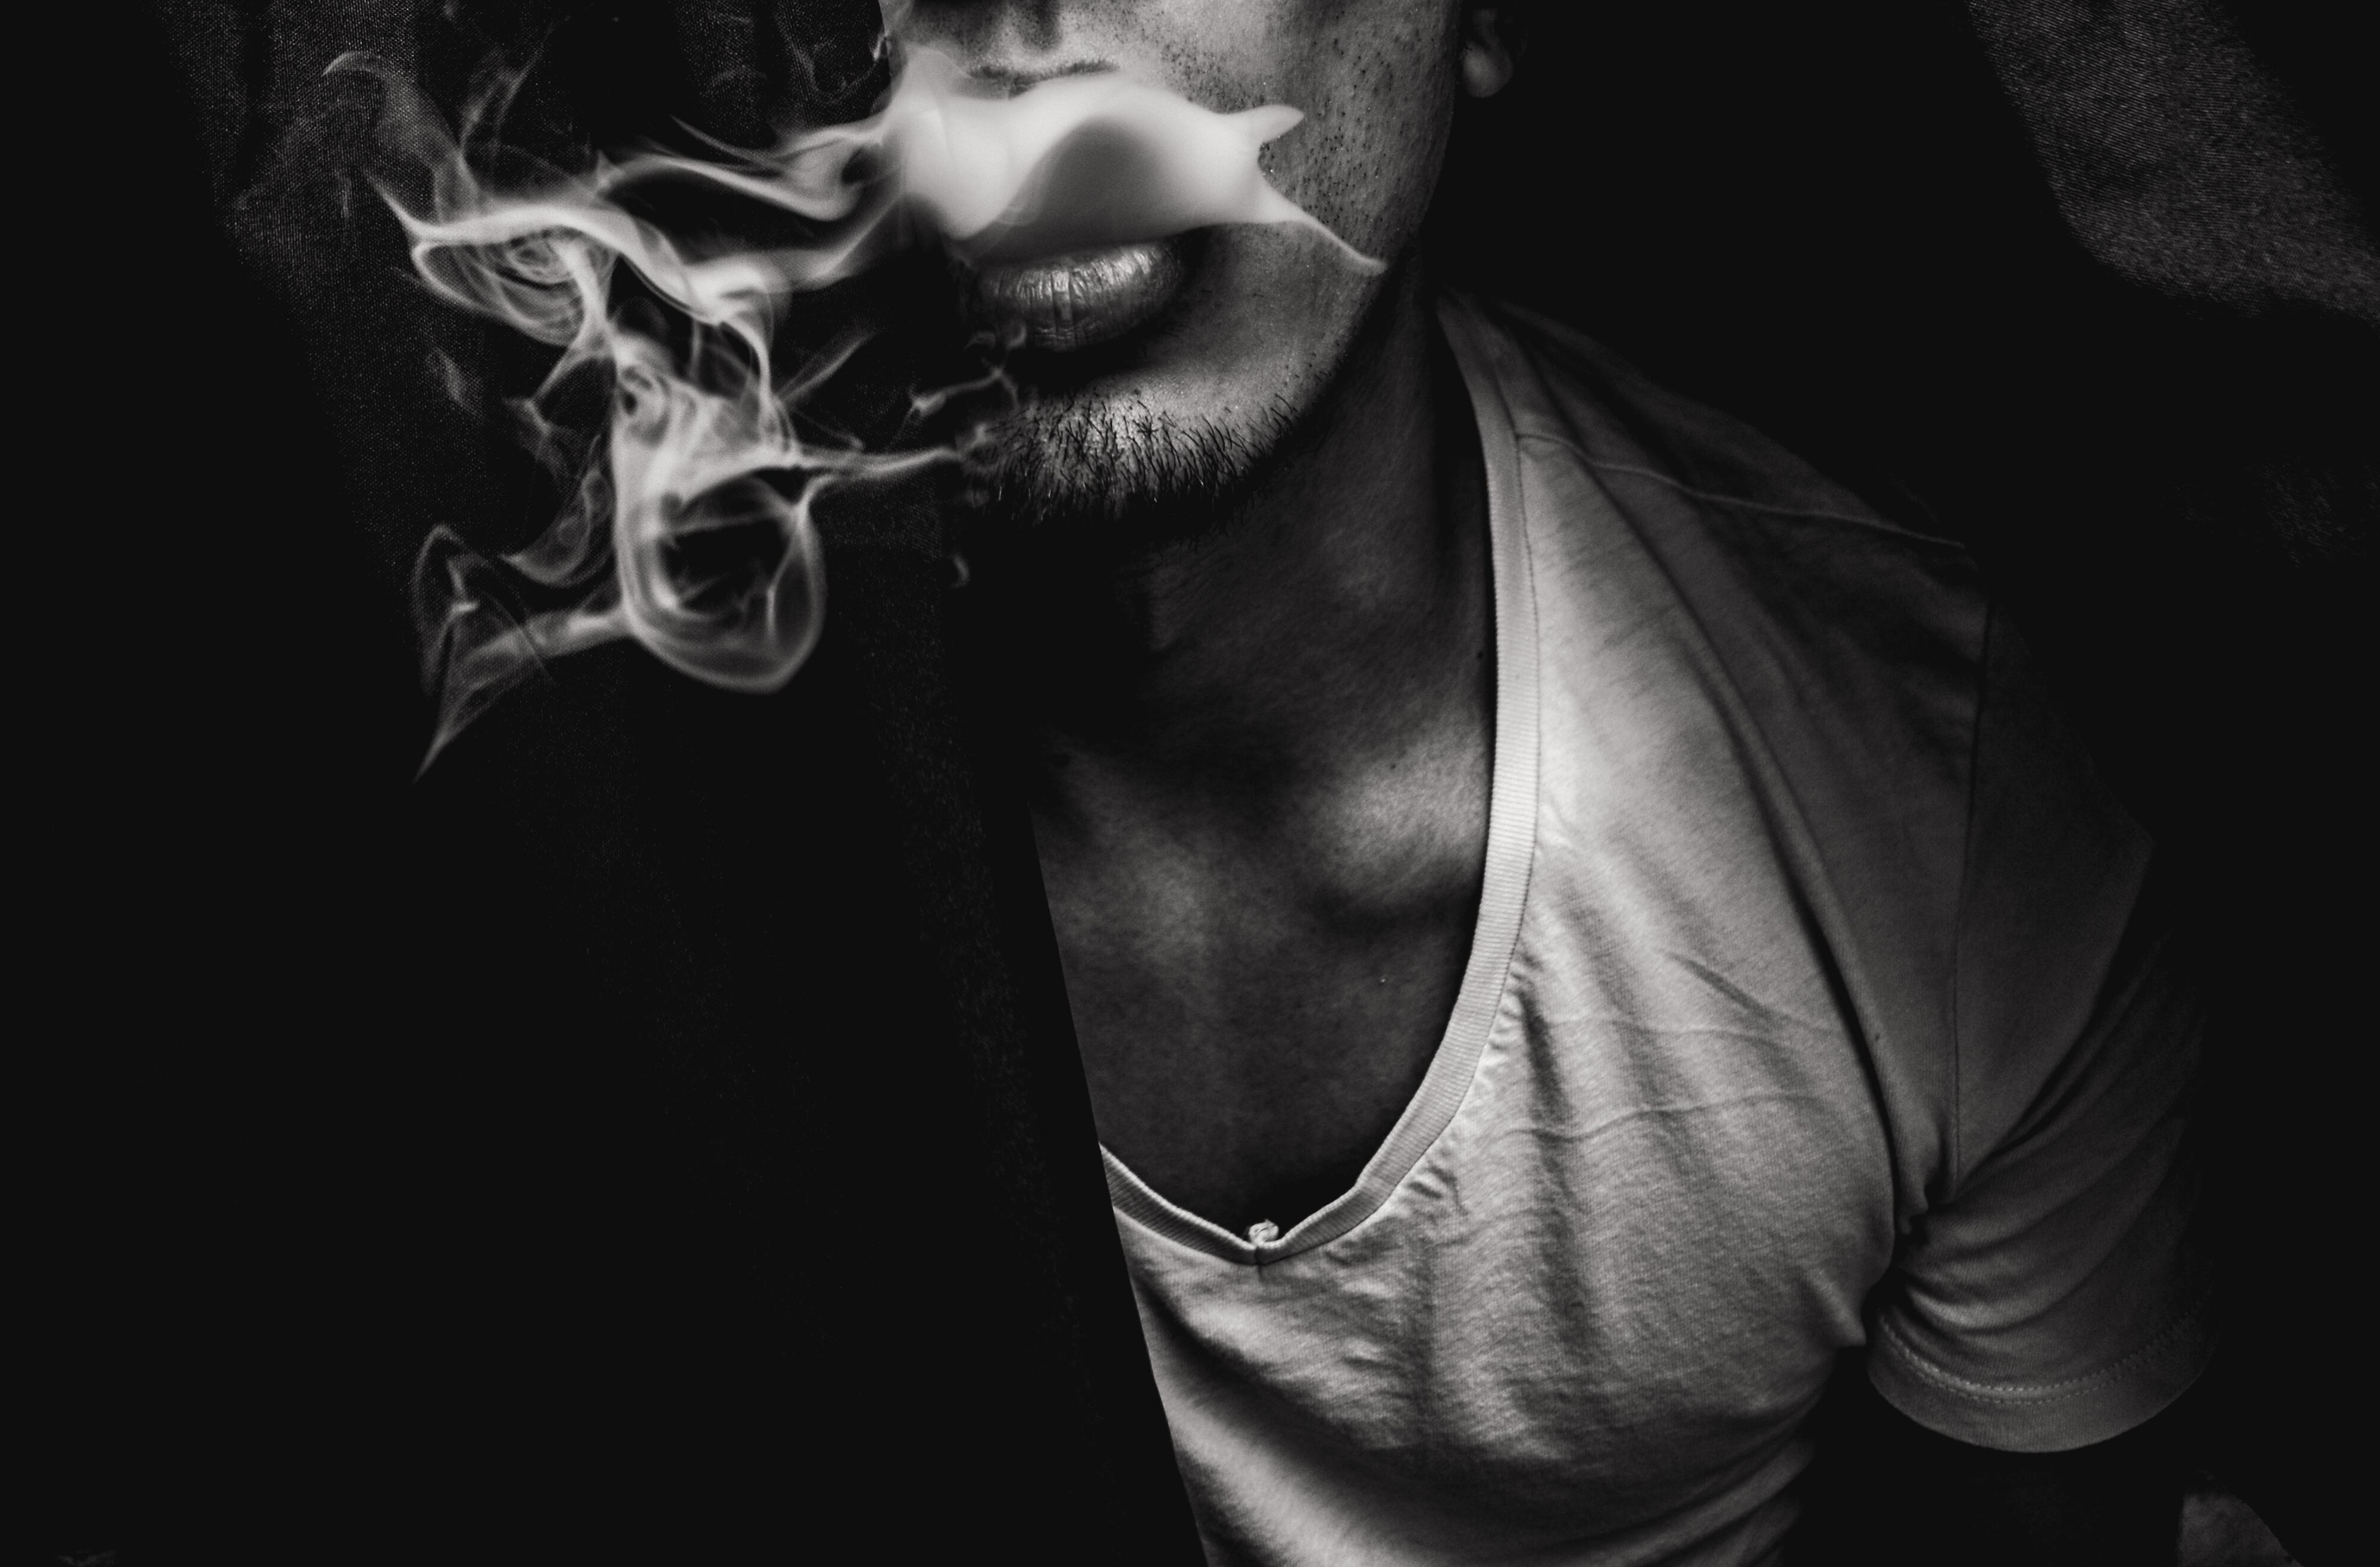 Картинки курящих парней с дымом